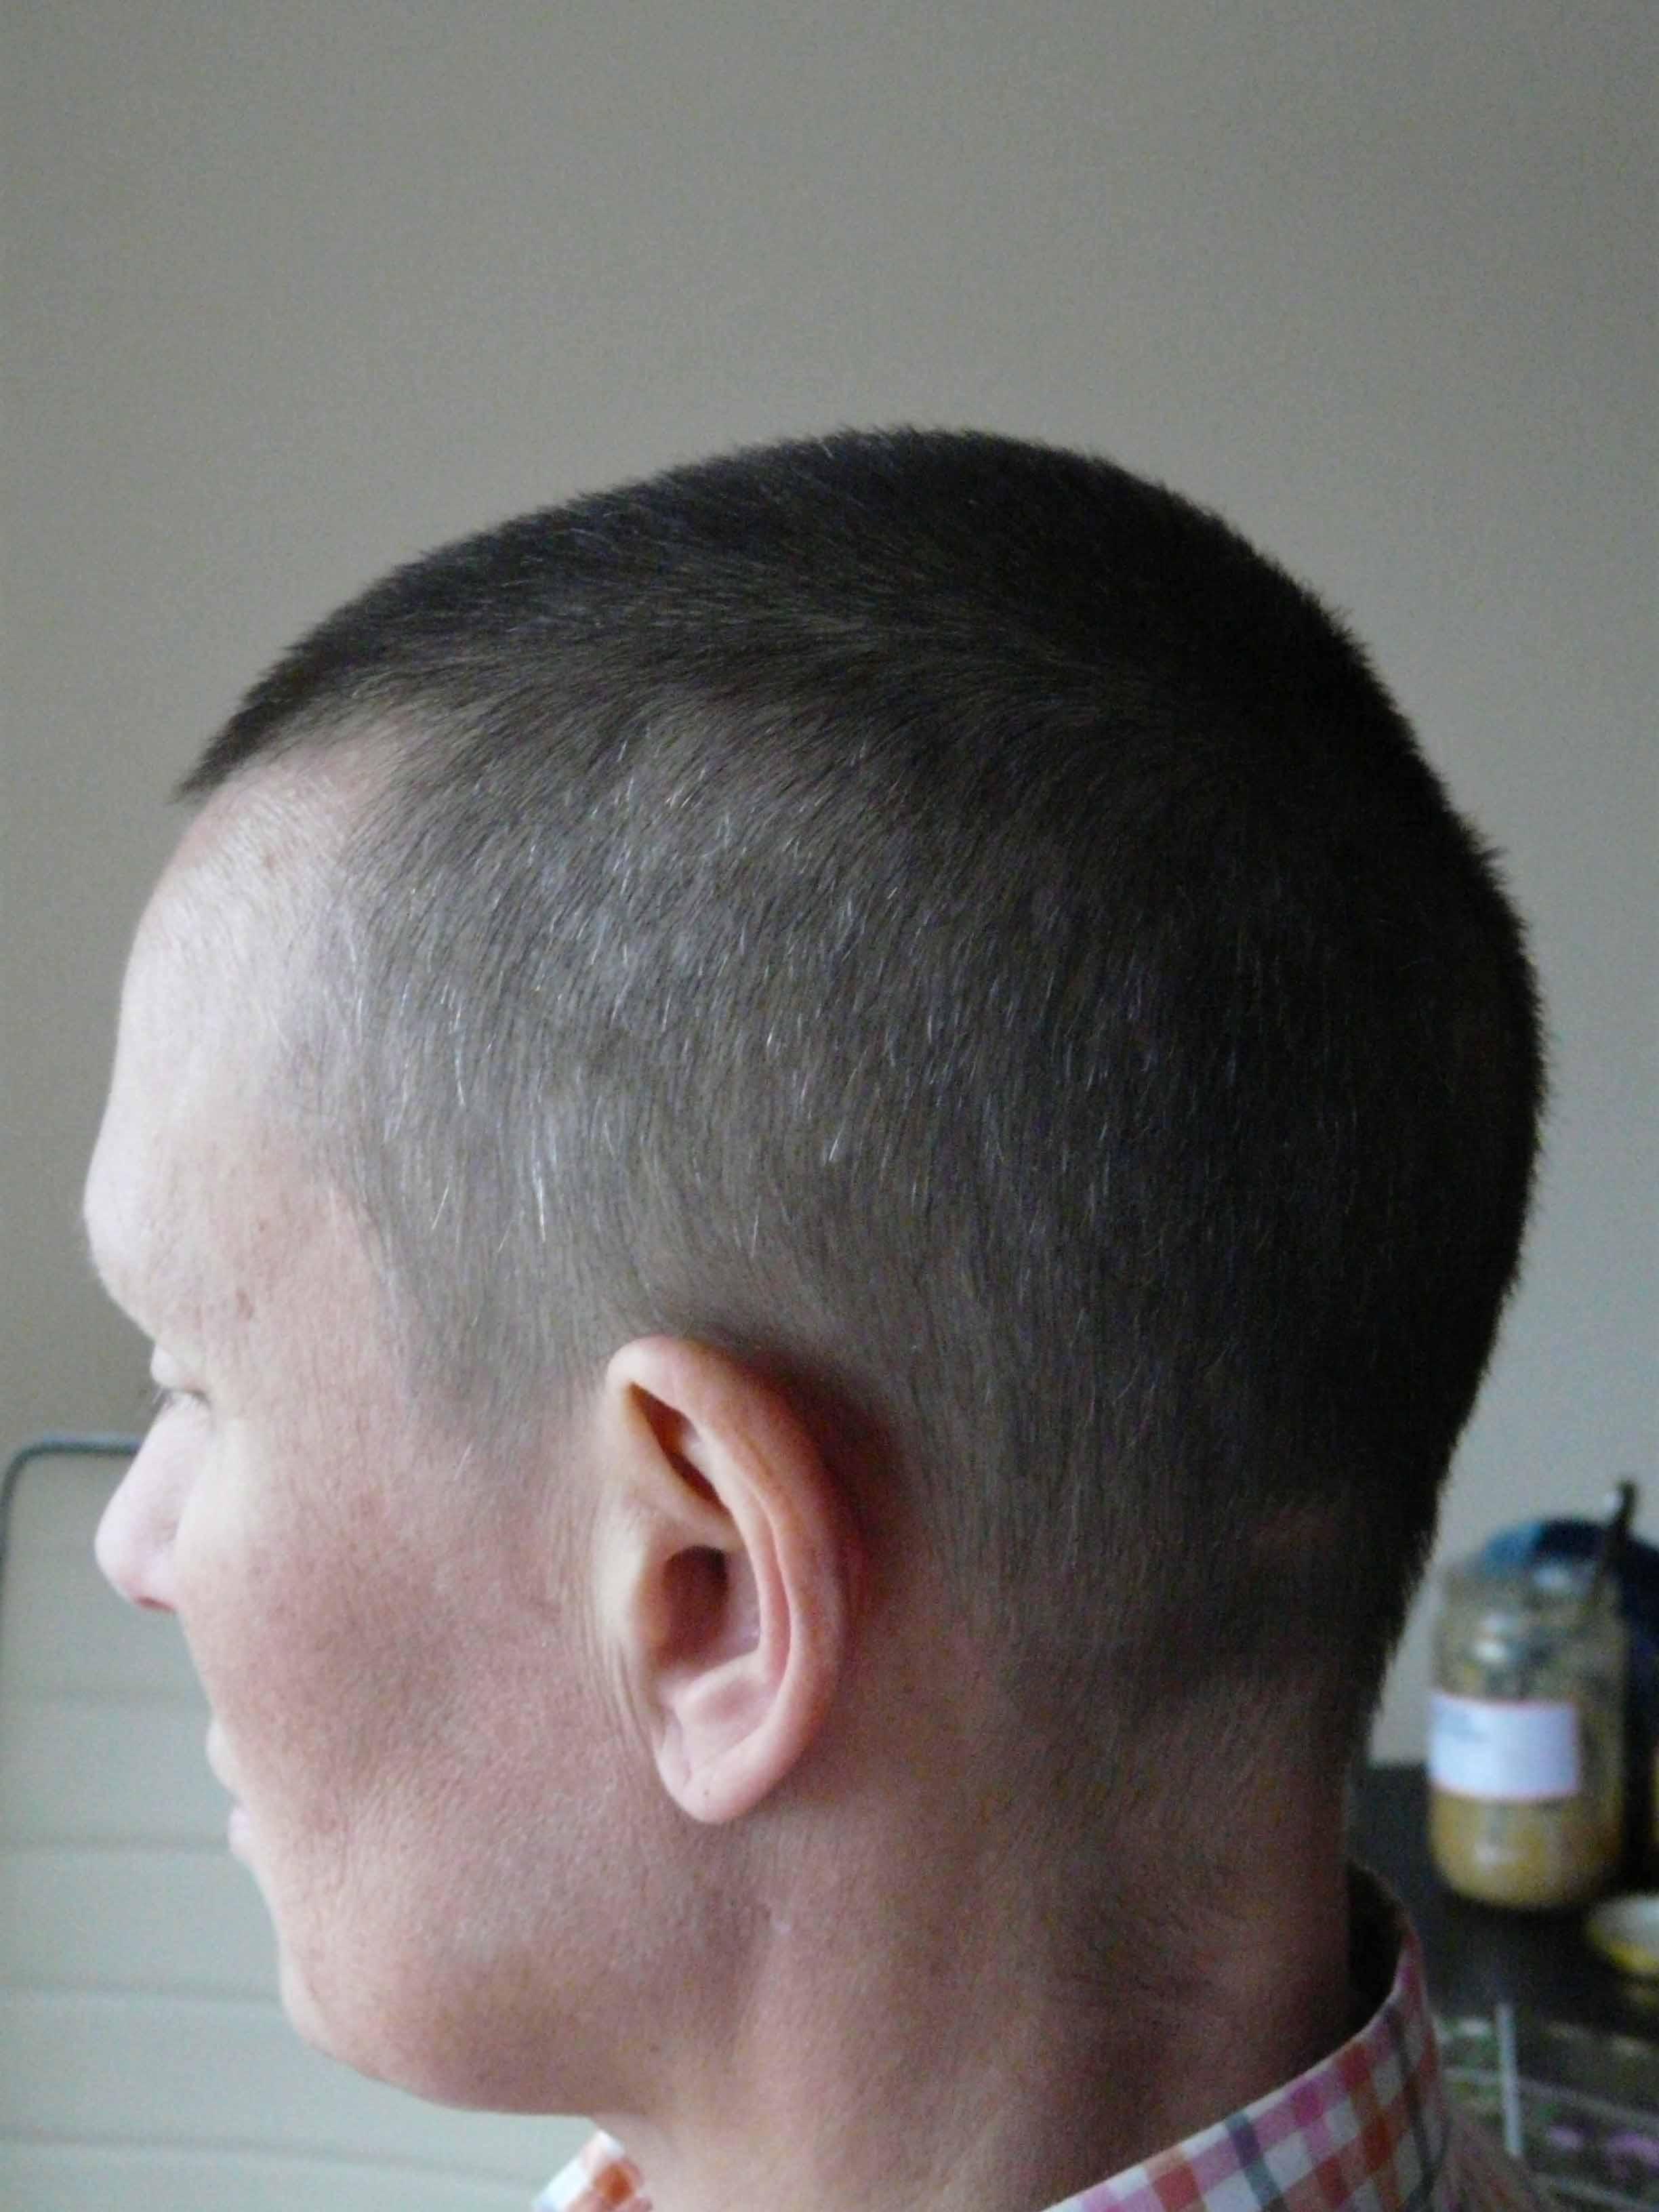 Химиотерапия и волосы Что нужно знать когда предстоит